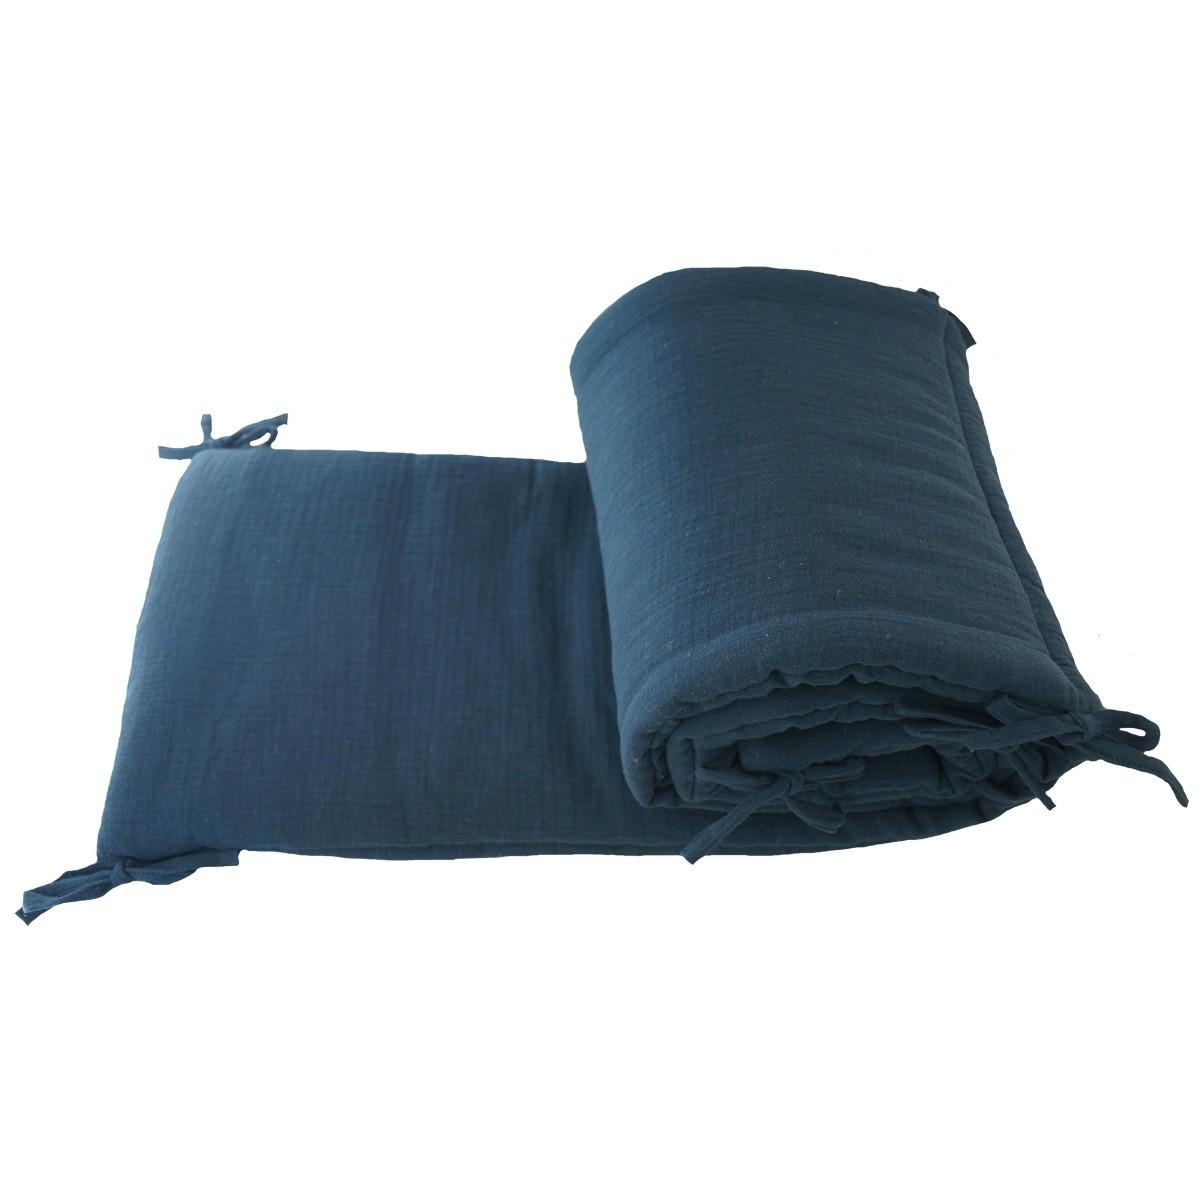 Tour de lit en mousseline de coton unie bleu indigo - Luciole et Cie